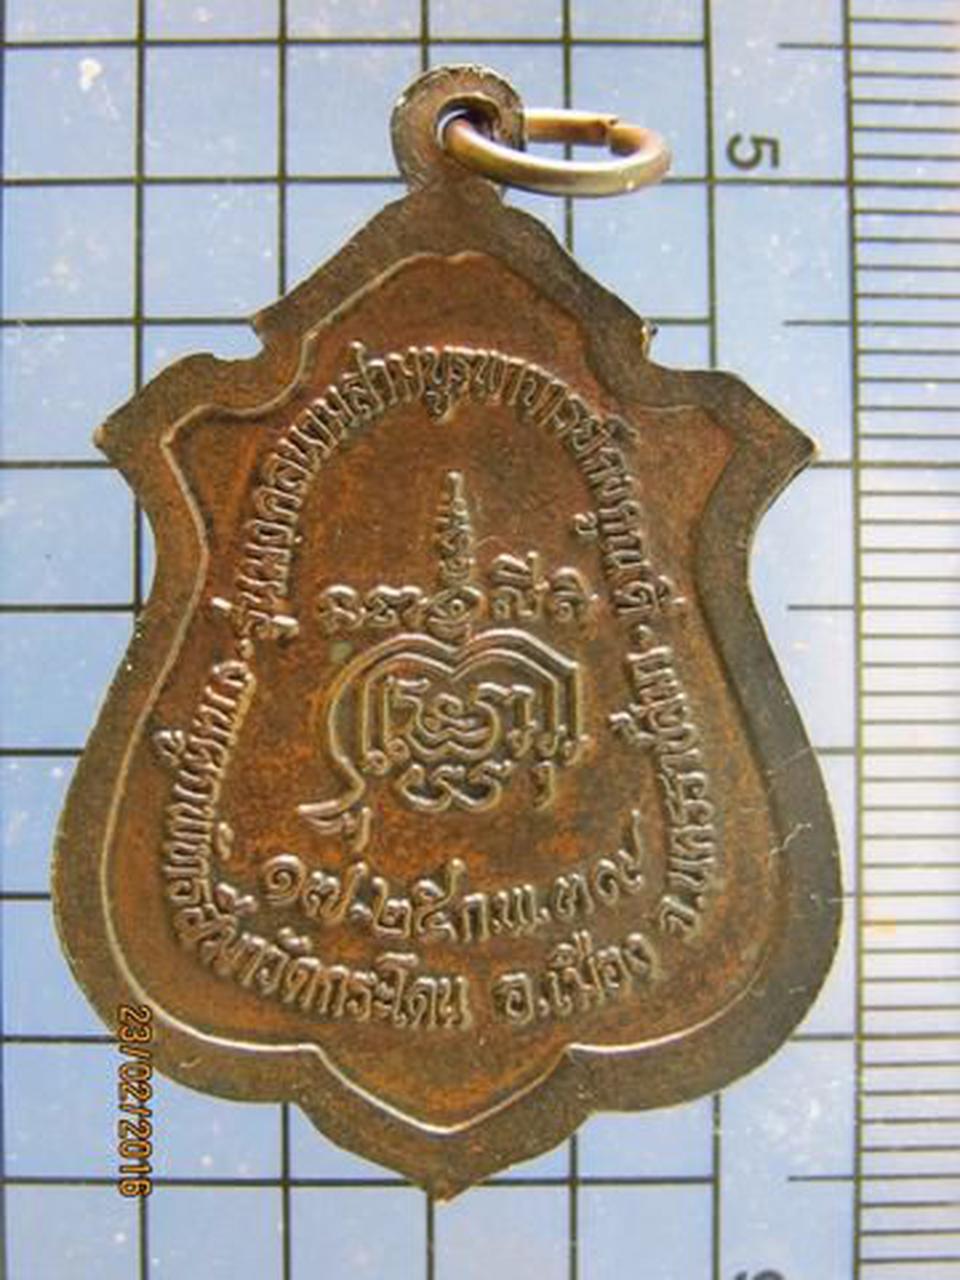 3165 เหรียญลพ.ดี วัดหนองจอก ปี39 รุ่นมงคลสามบูรพาจารย์ คง คู รูปที่ 1